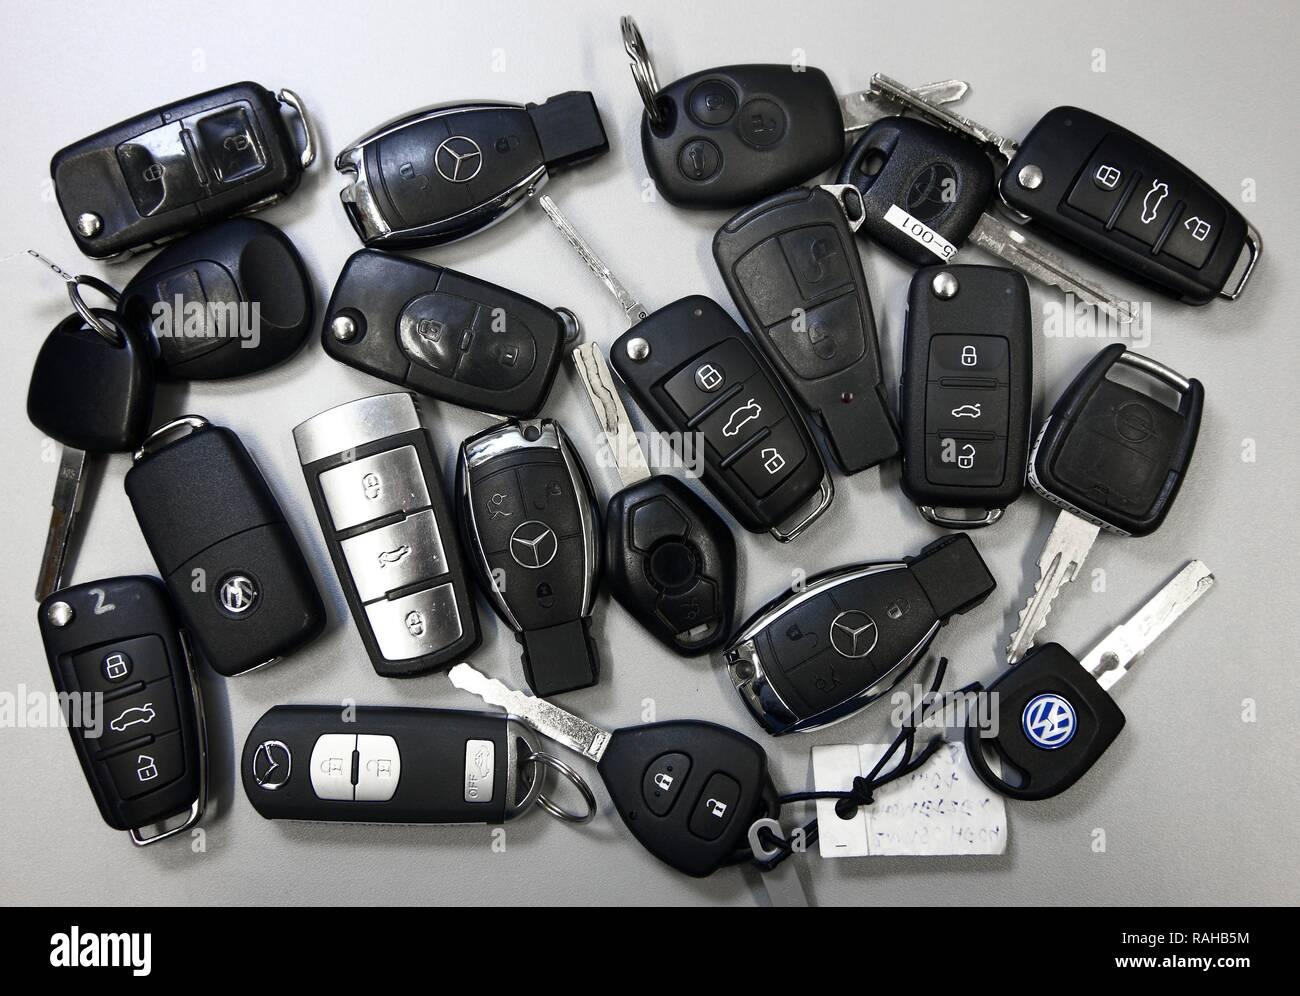 Kriminaltechnisches Institut, KTI, Forensic Science Institute, rigged car keys, police, Landeskriminalamt, LKA - Stock Image